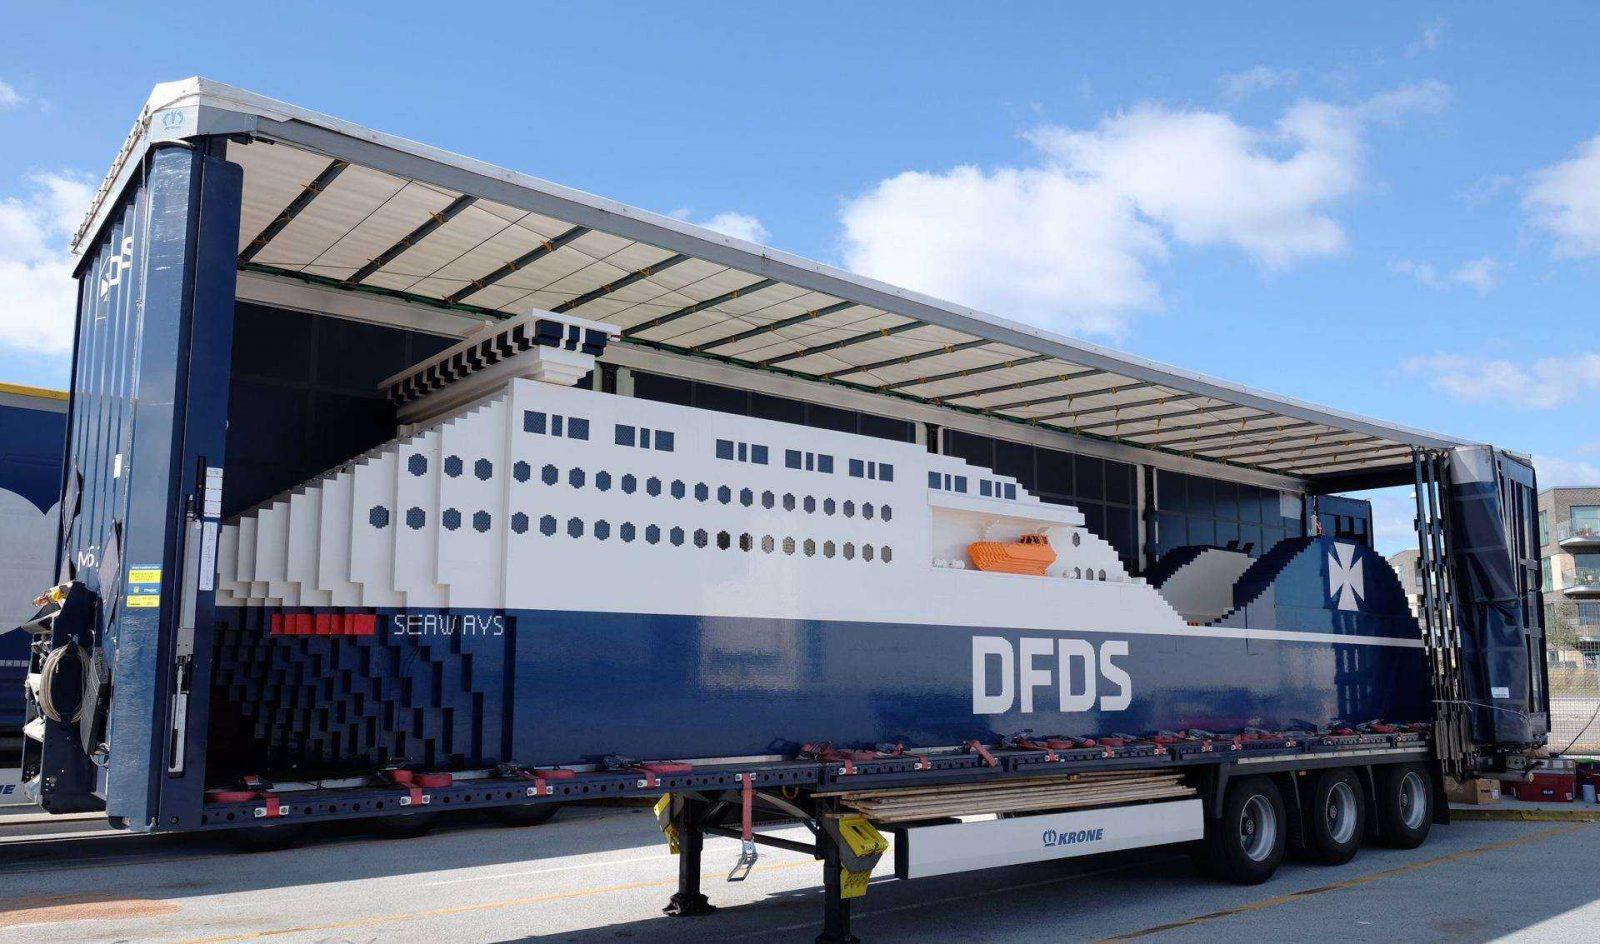 """Į Lietuvą """"atplauks"""" didžiausias pasaulyje laivas iš """"Lego"""" kaladėlių"""